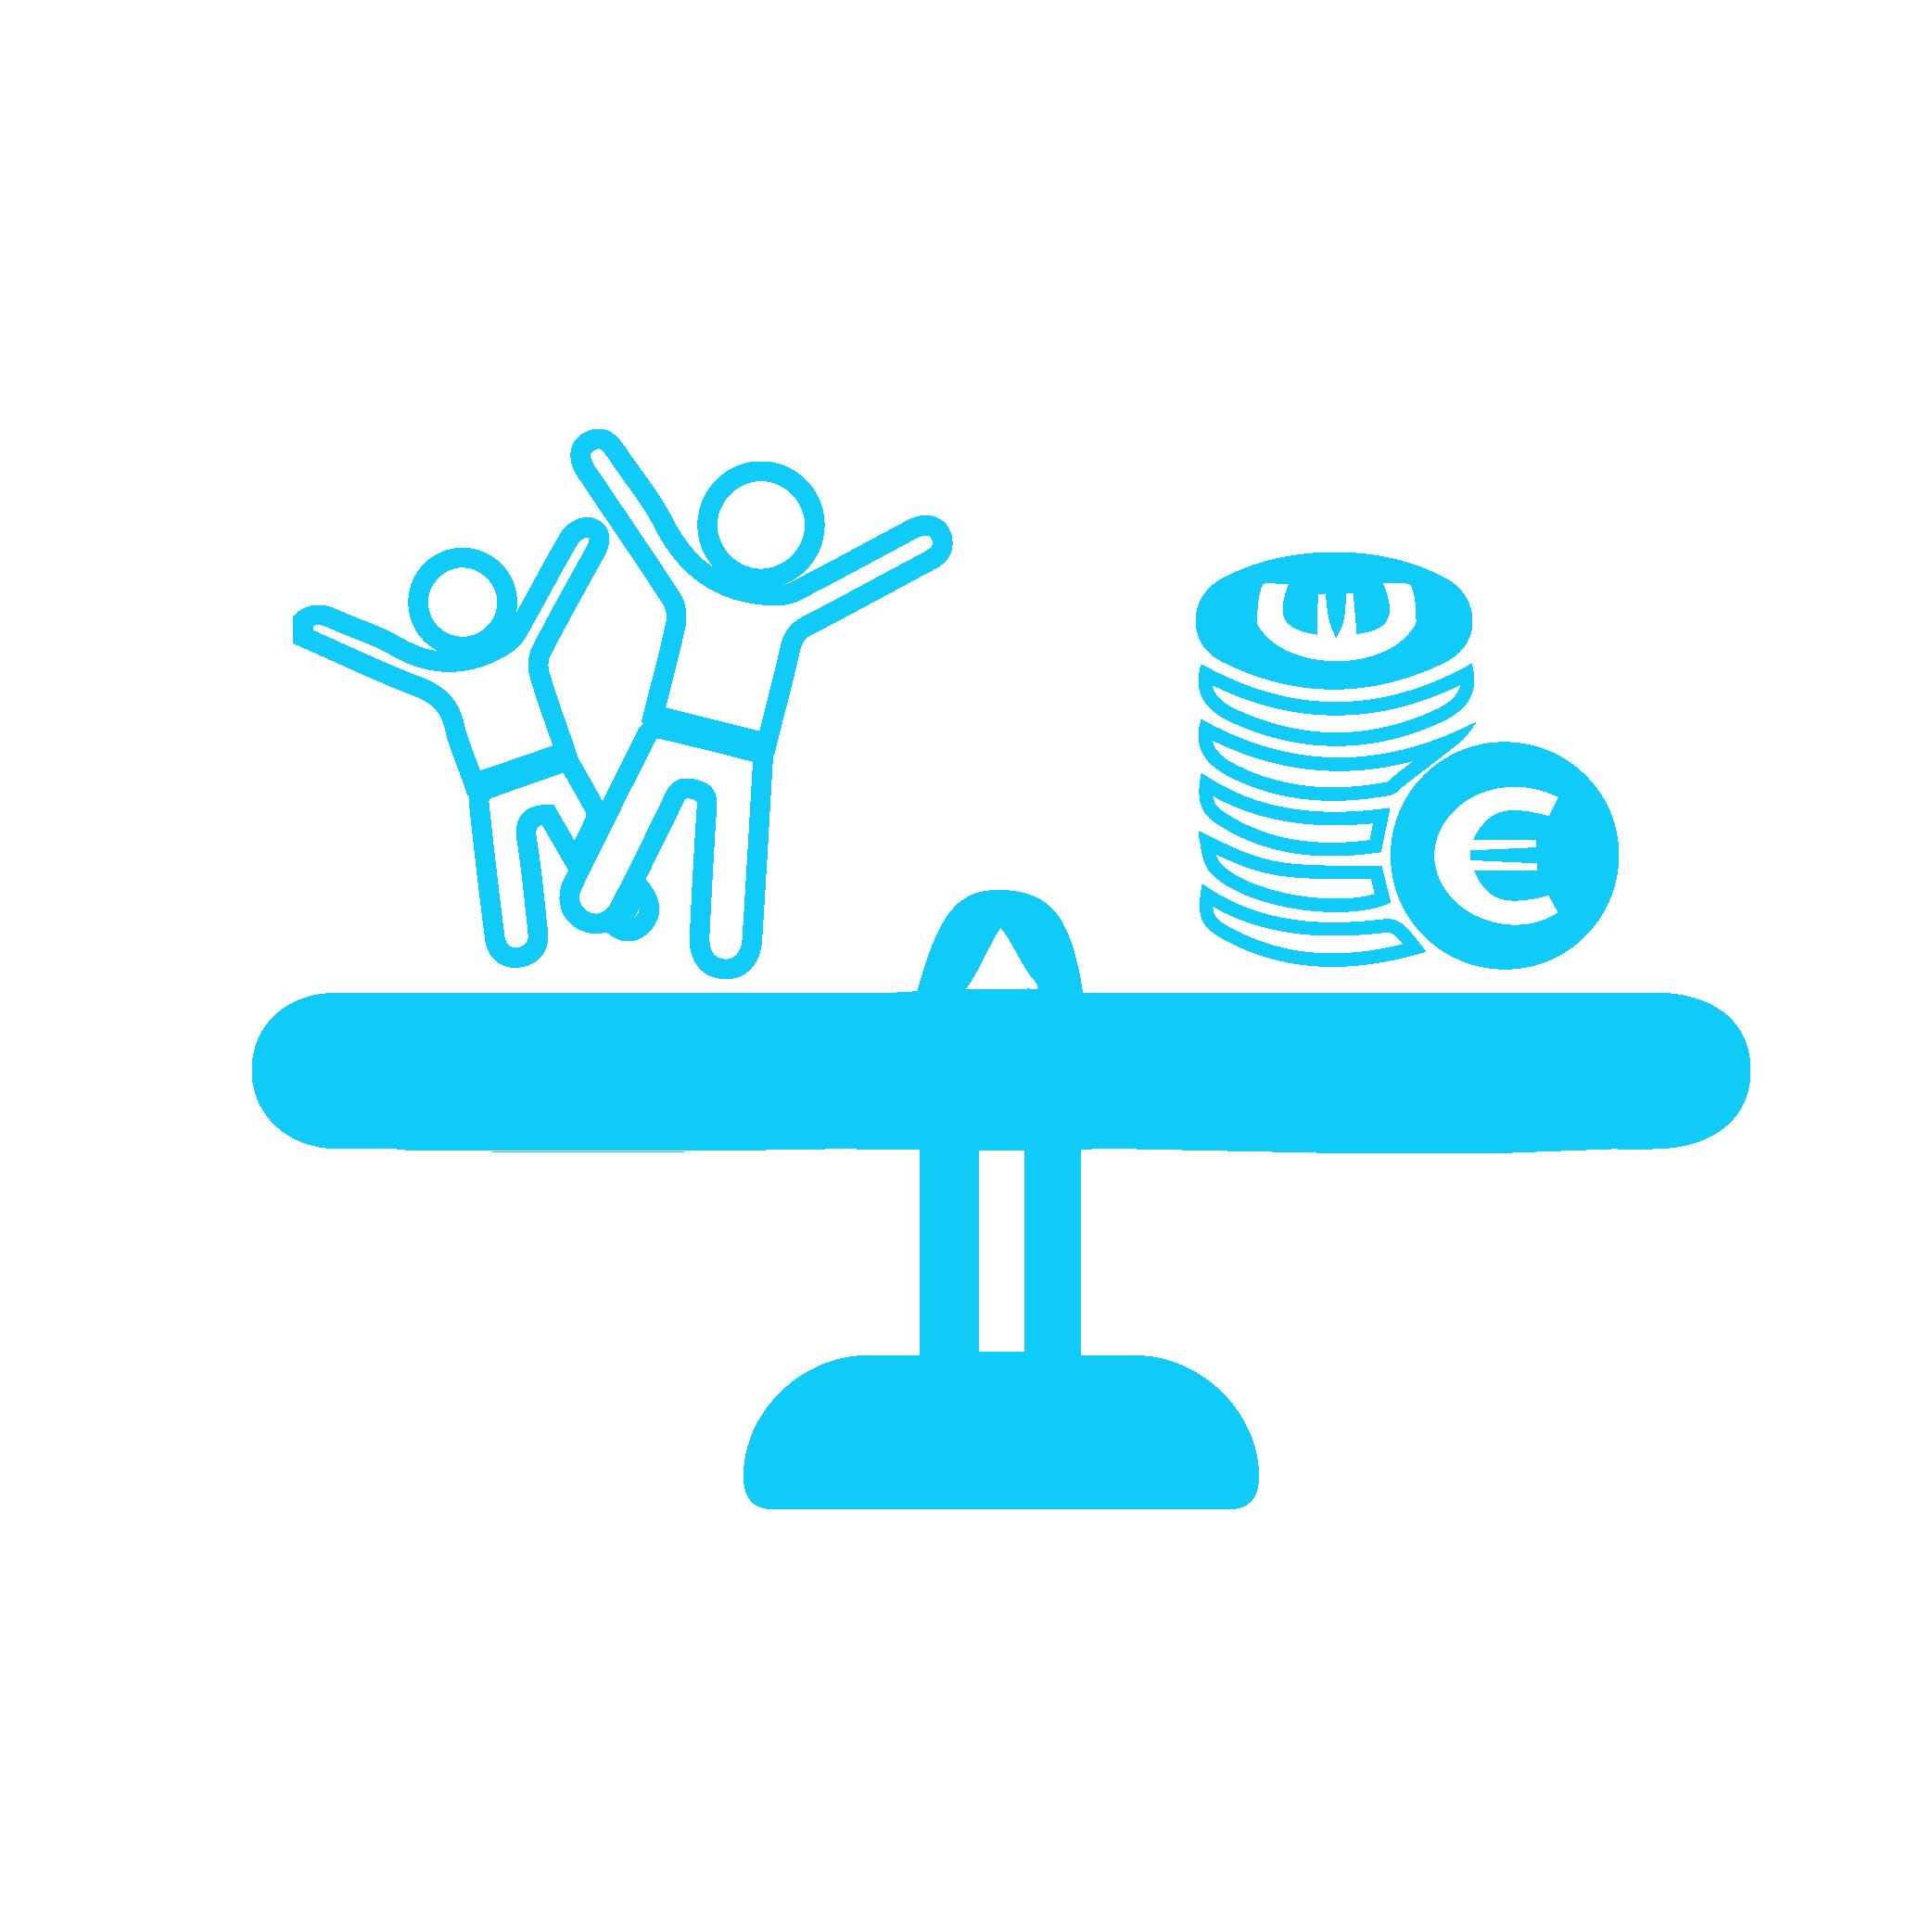 Icon zeigt Waage mit Menschen auf der einen Seite und Geld auf der anderen Seite